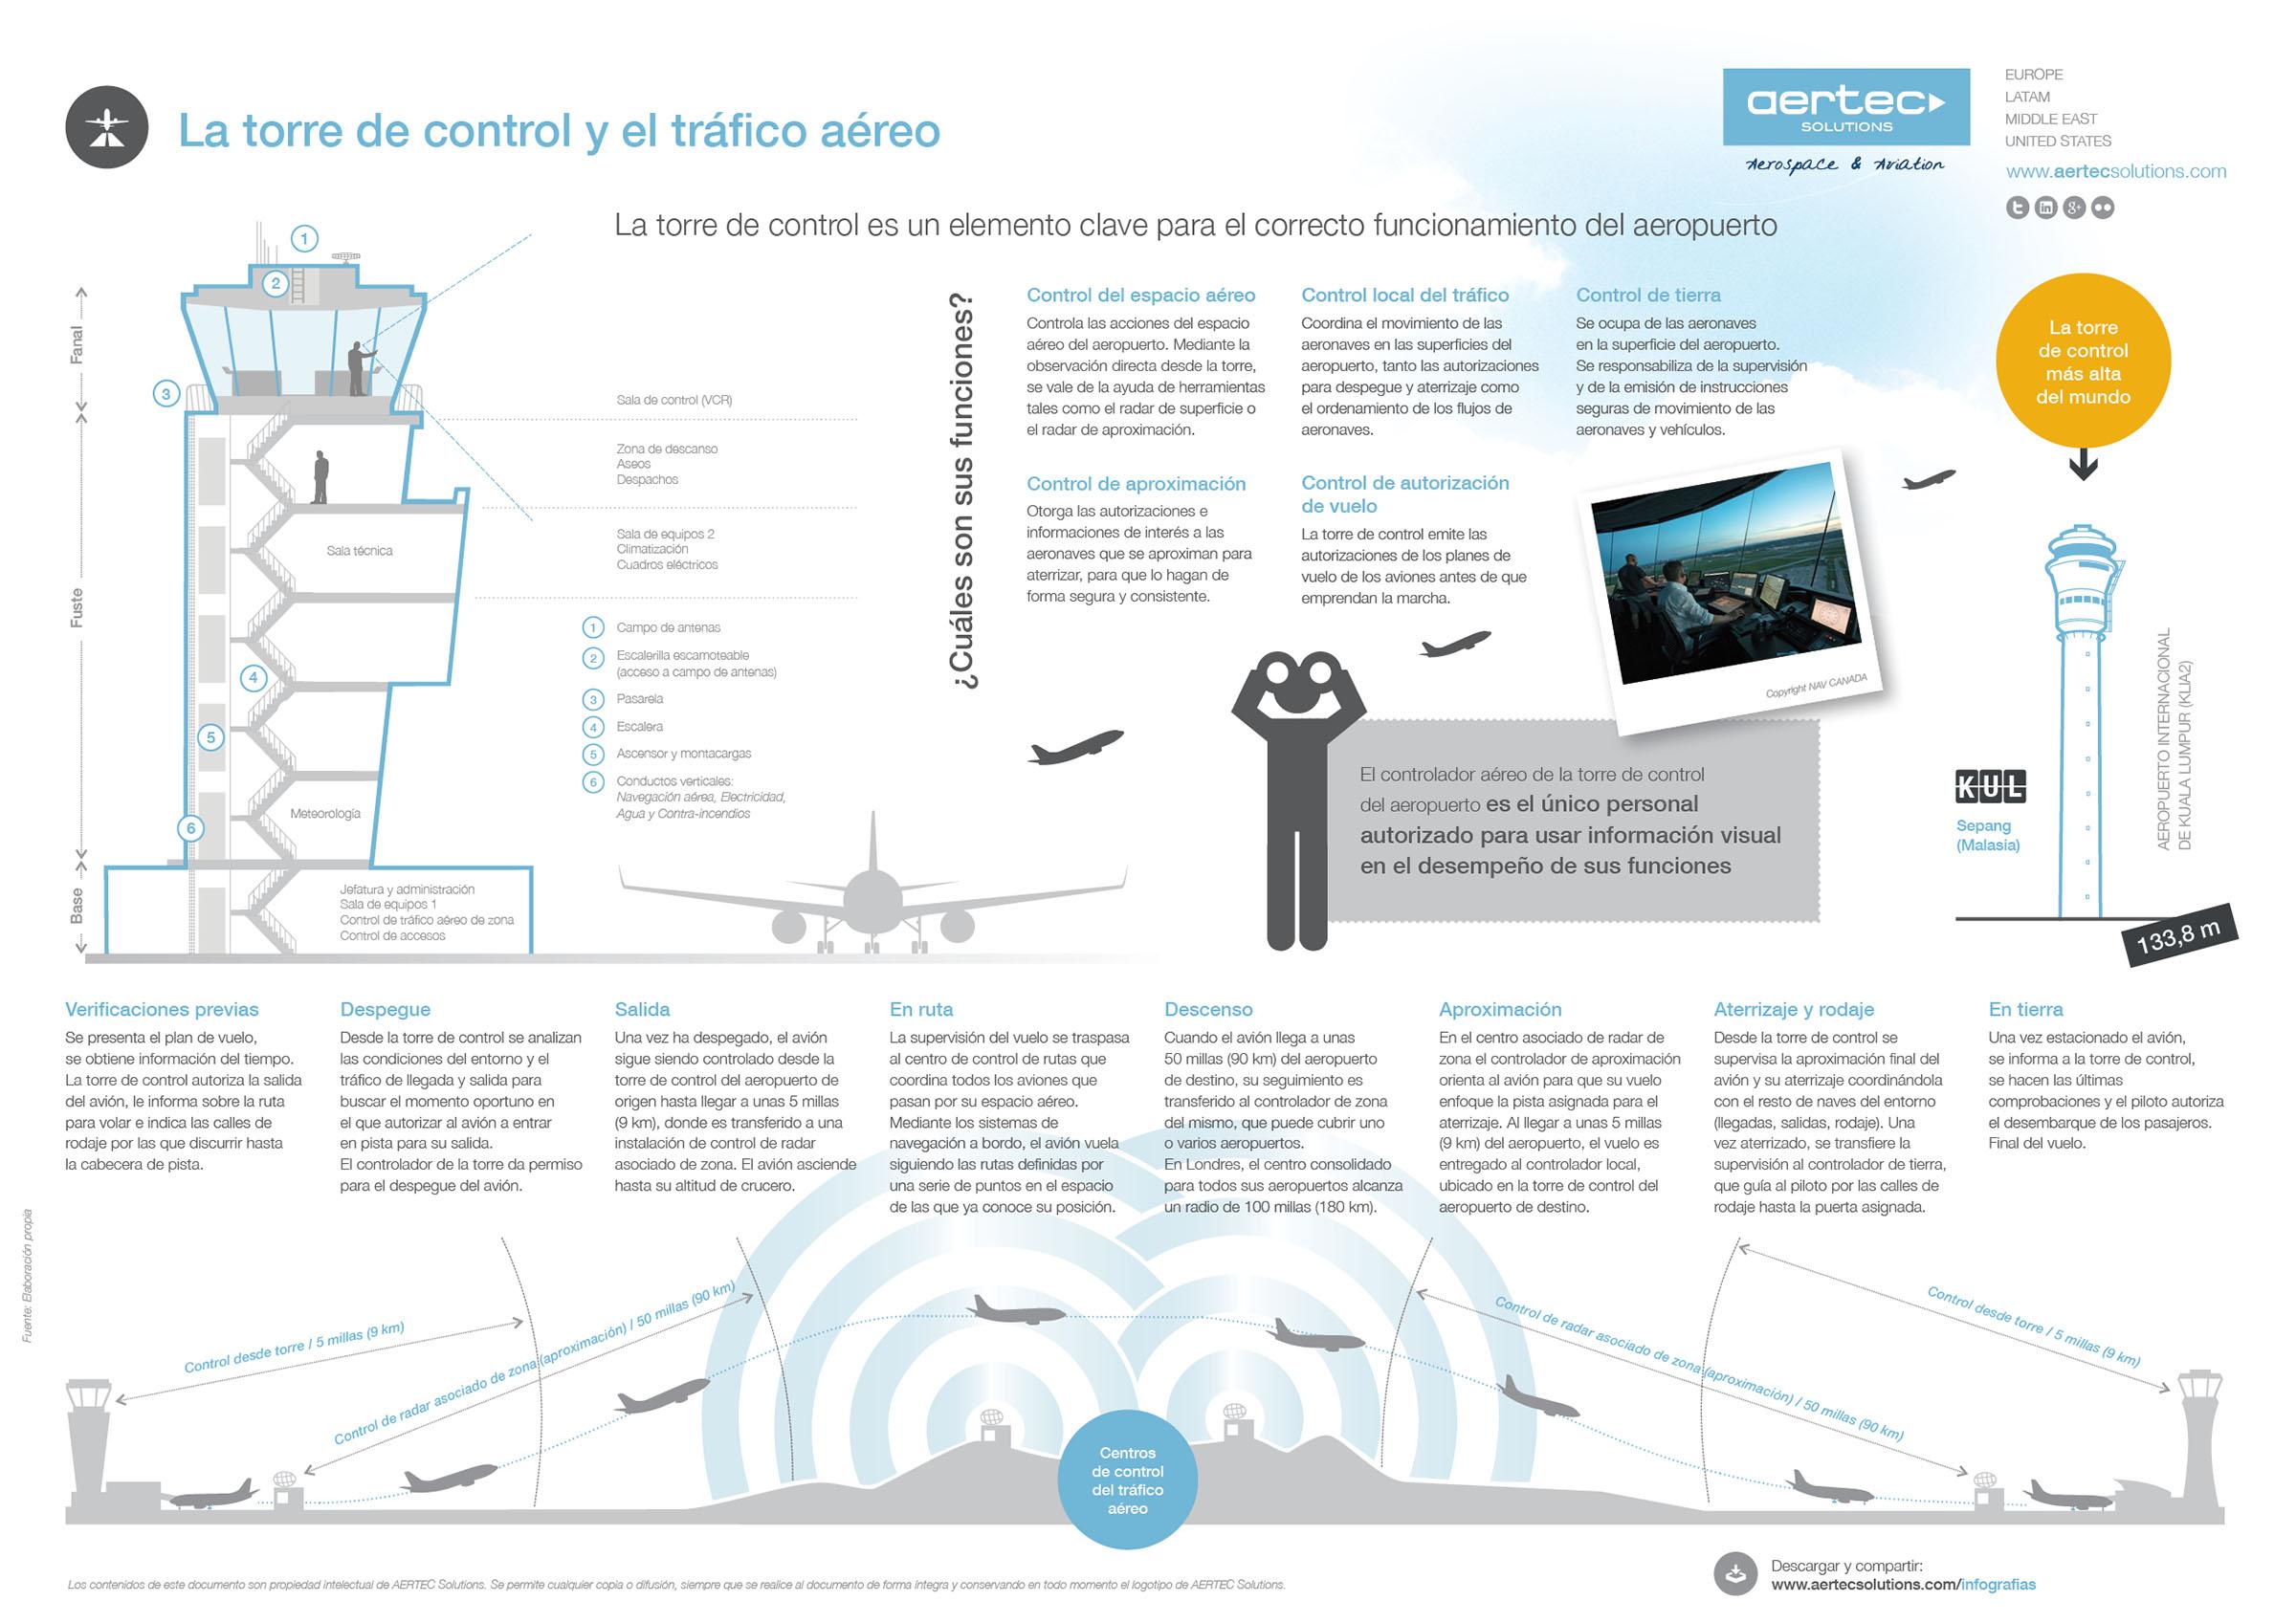 La Torre de Control y el Tráfico aéreo #infografia #infographic #tourism